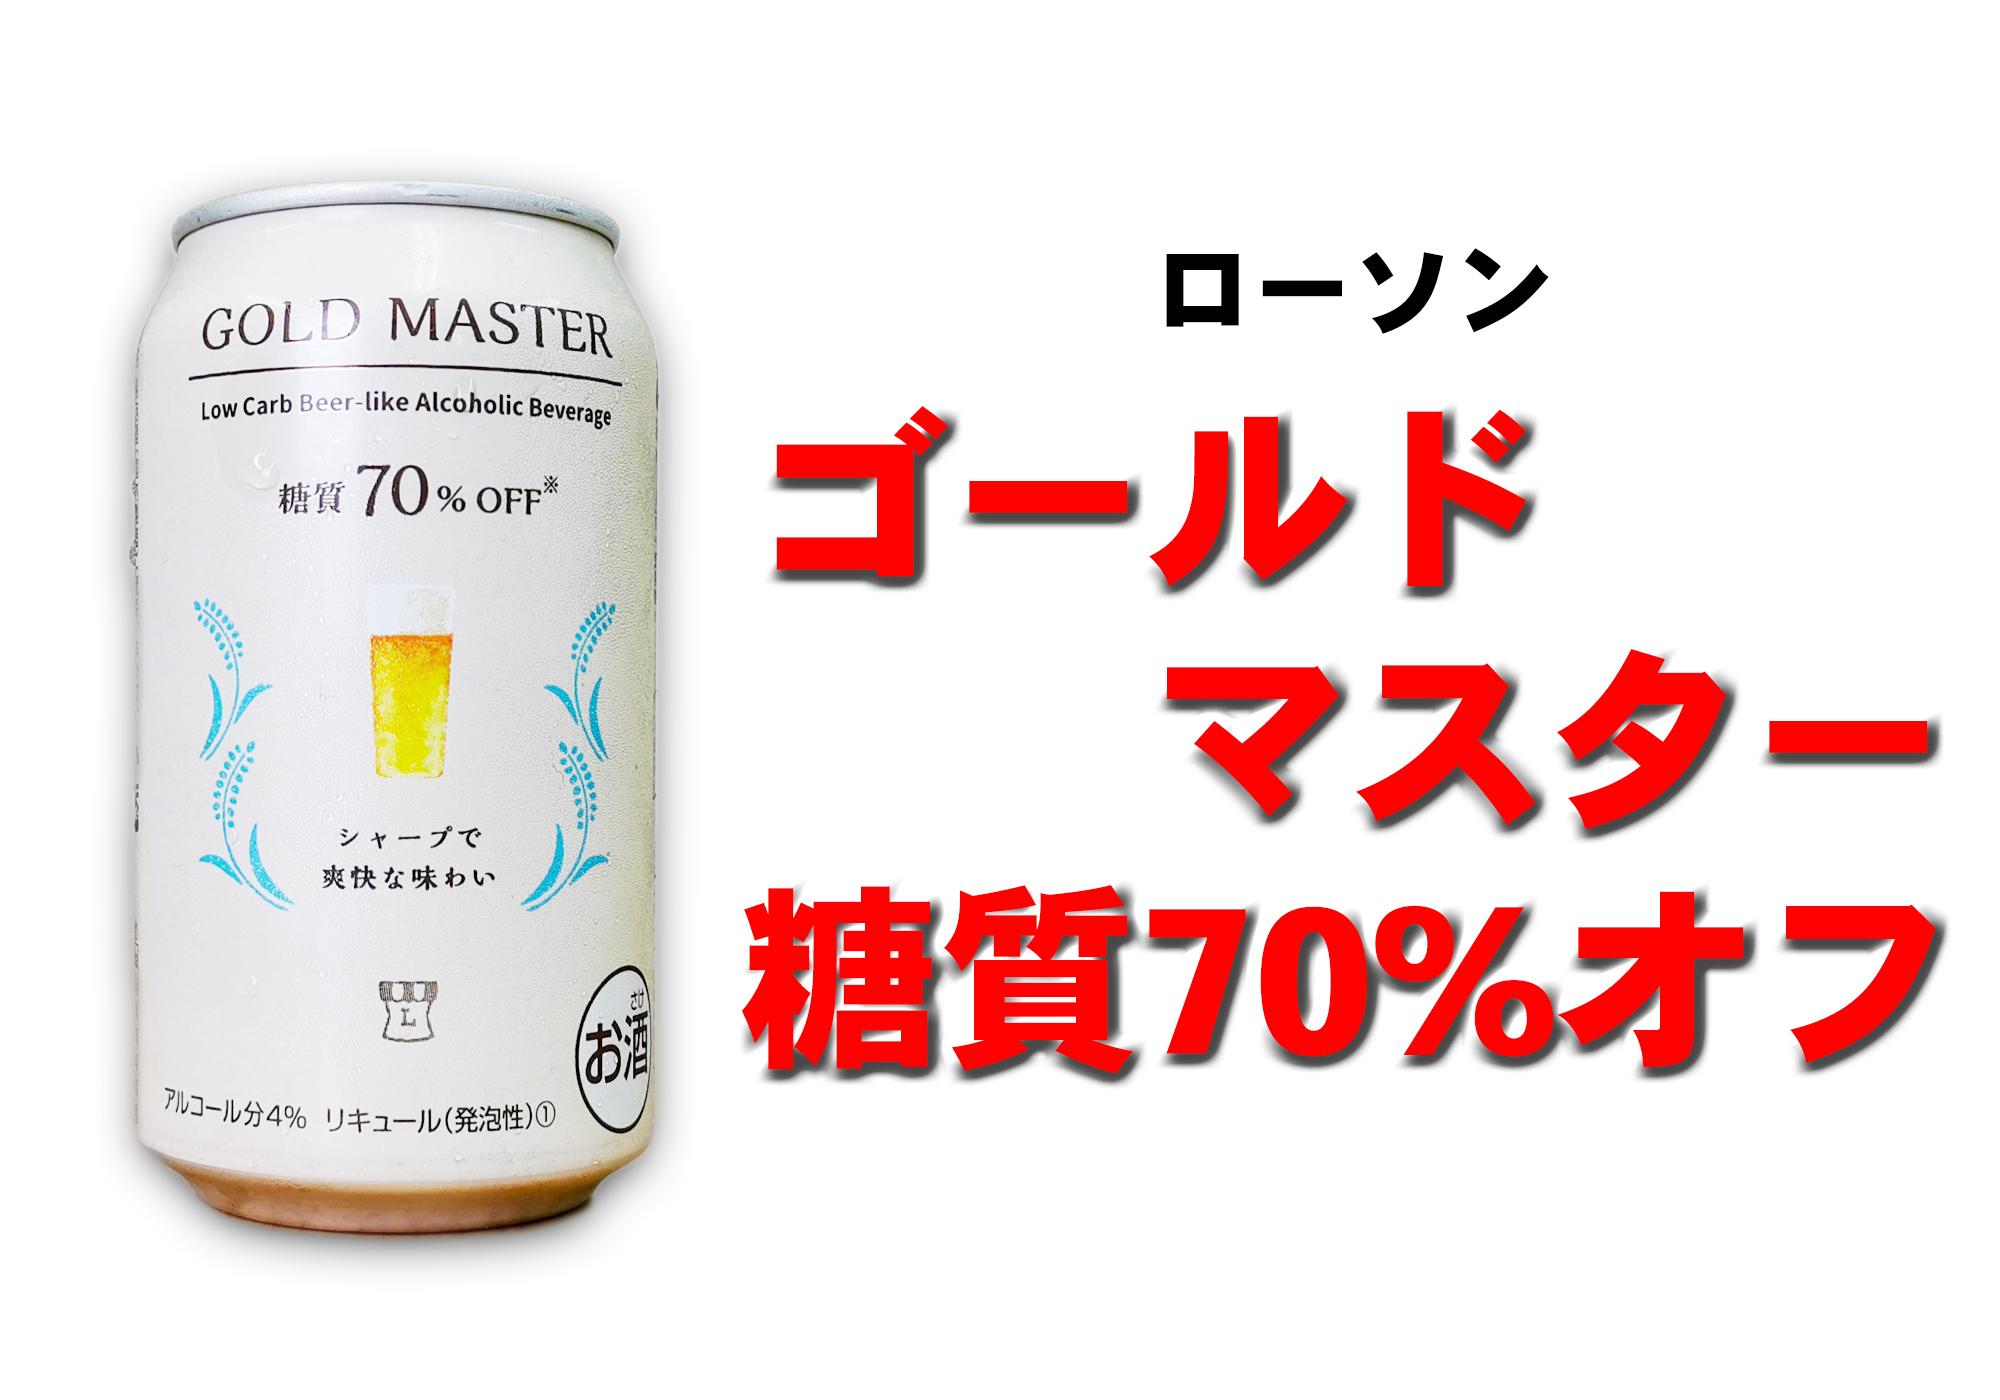 「ゴールドマスター 糖質70%オフ」商品写真